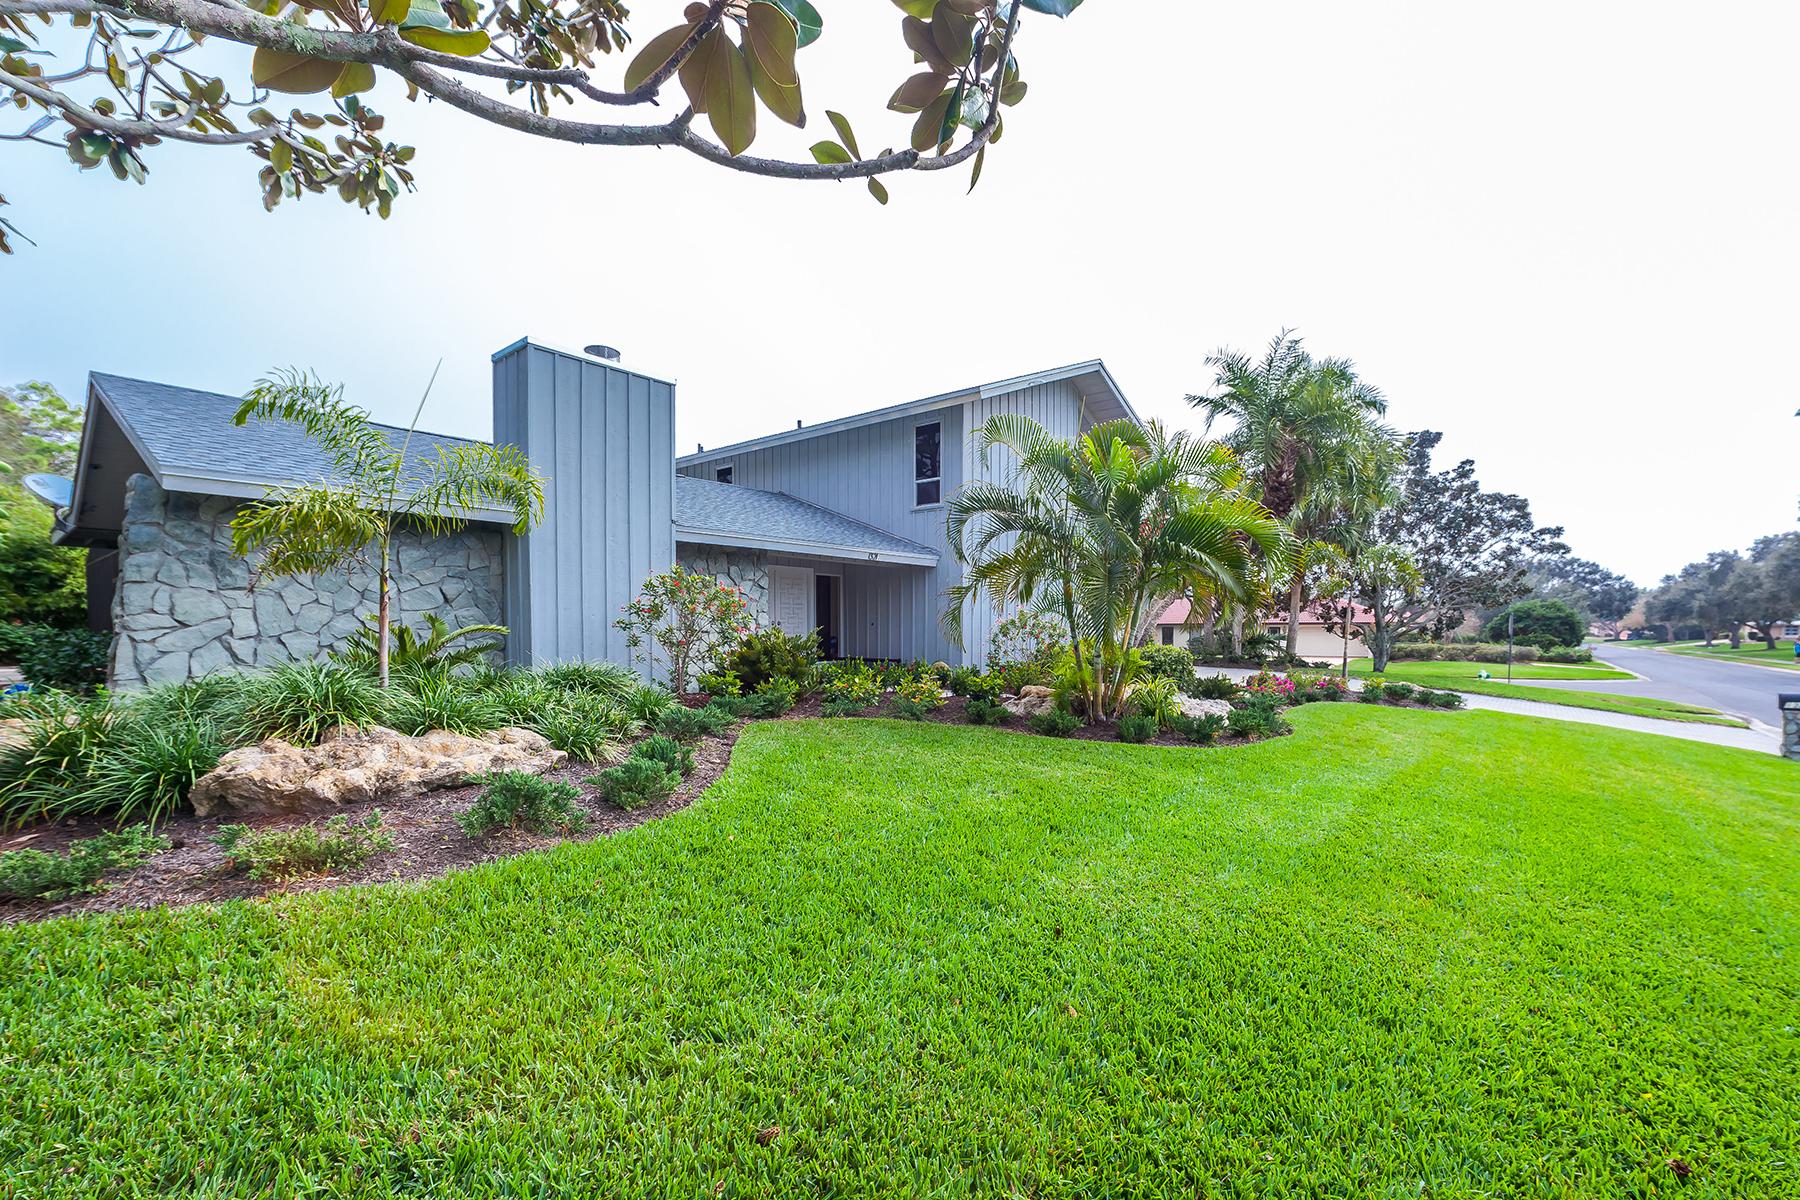 一戸建て のために 売買 アット SOUTHBAY YACHT AND RACQUET CLUB 1321 Southbay Dr Osprey, フロリダ, 34229 アメリカ合衆国